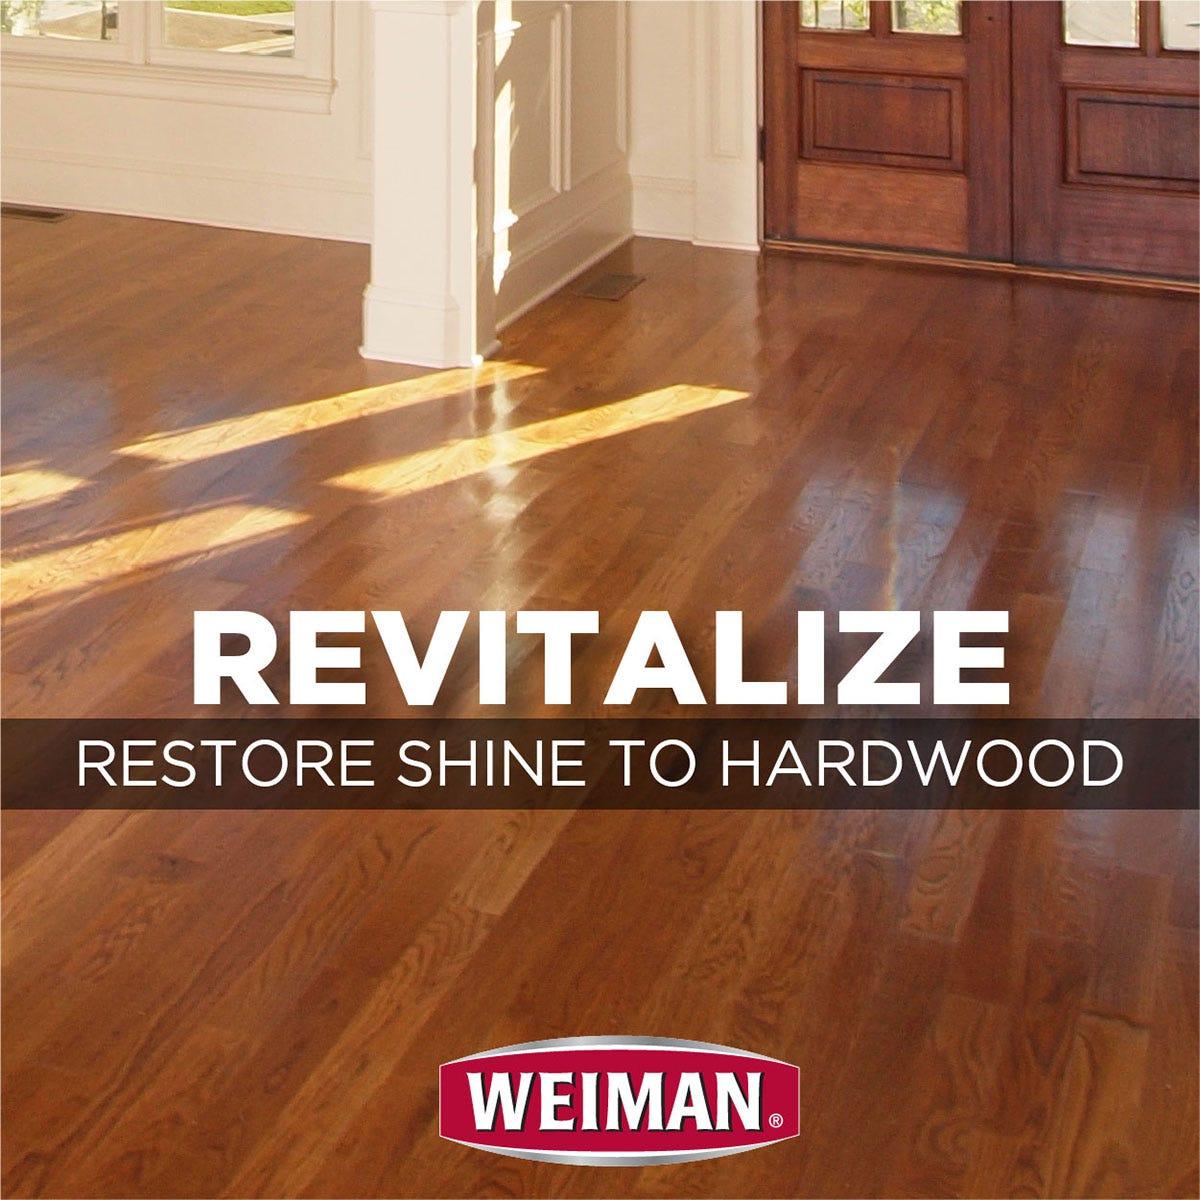 Restore shine to hardwood